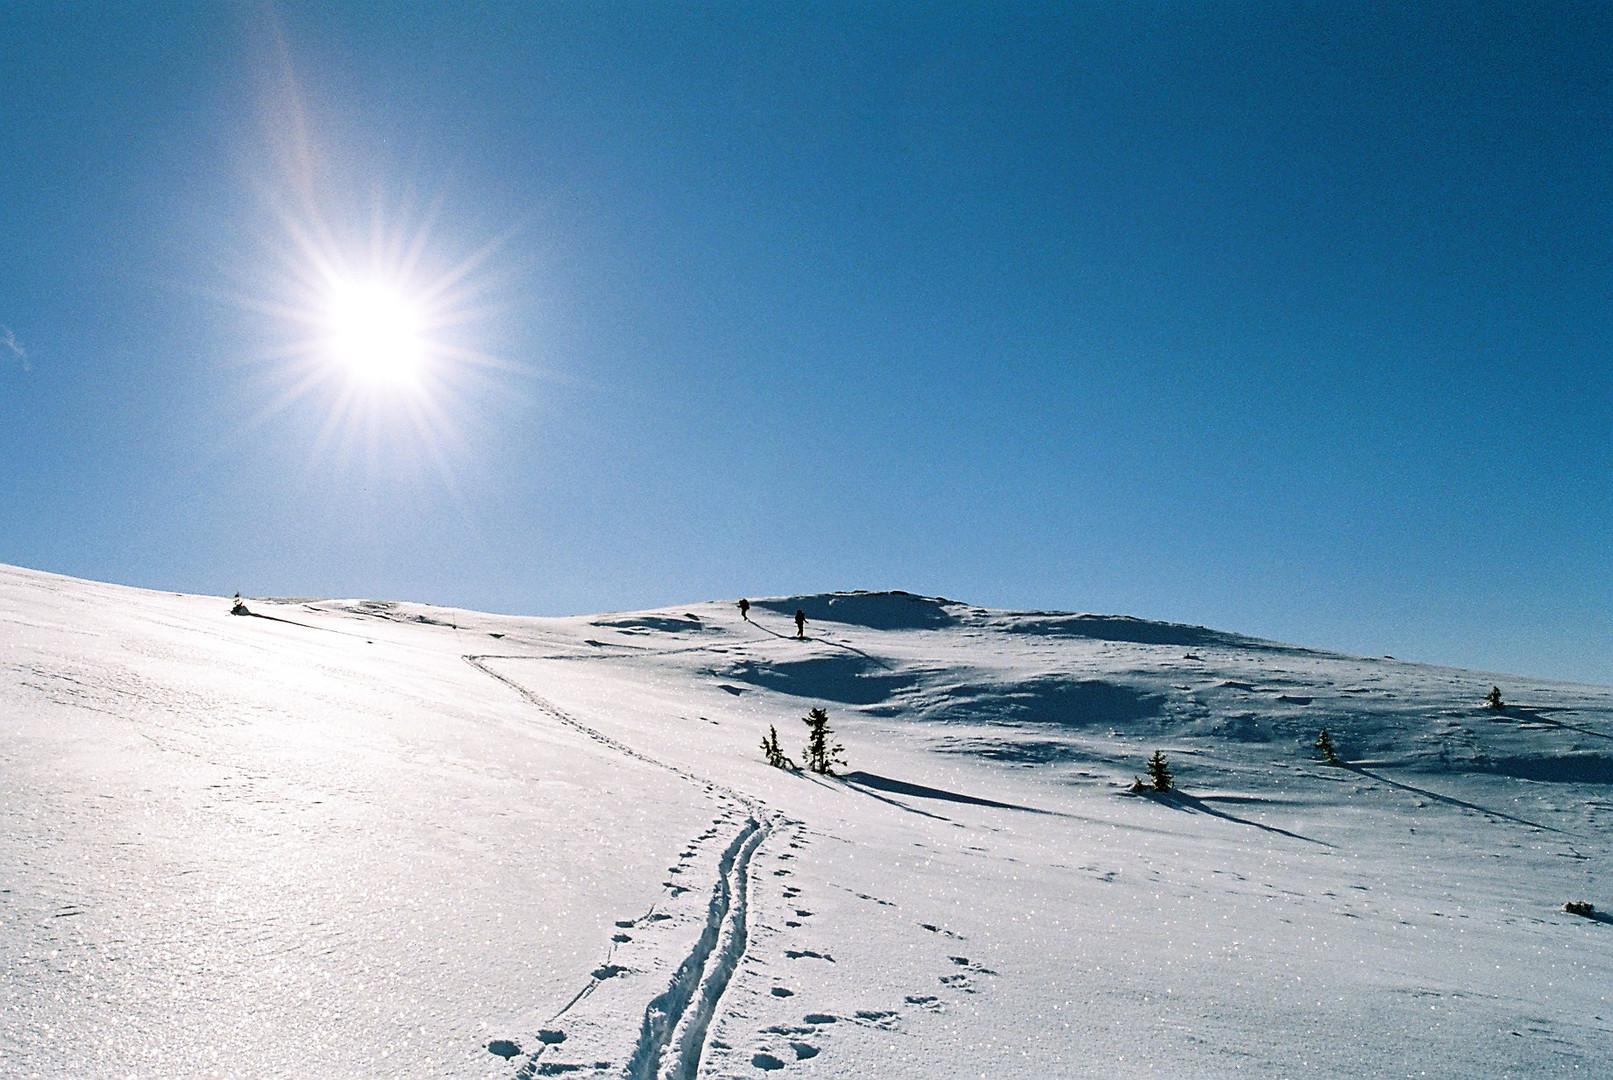 Winter in Valdres